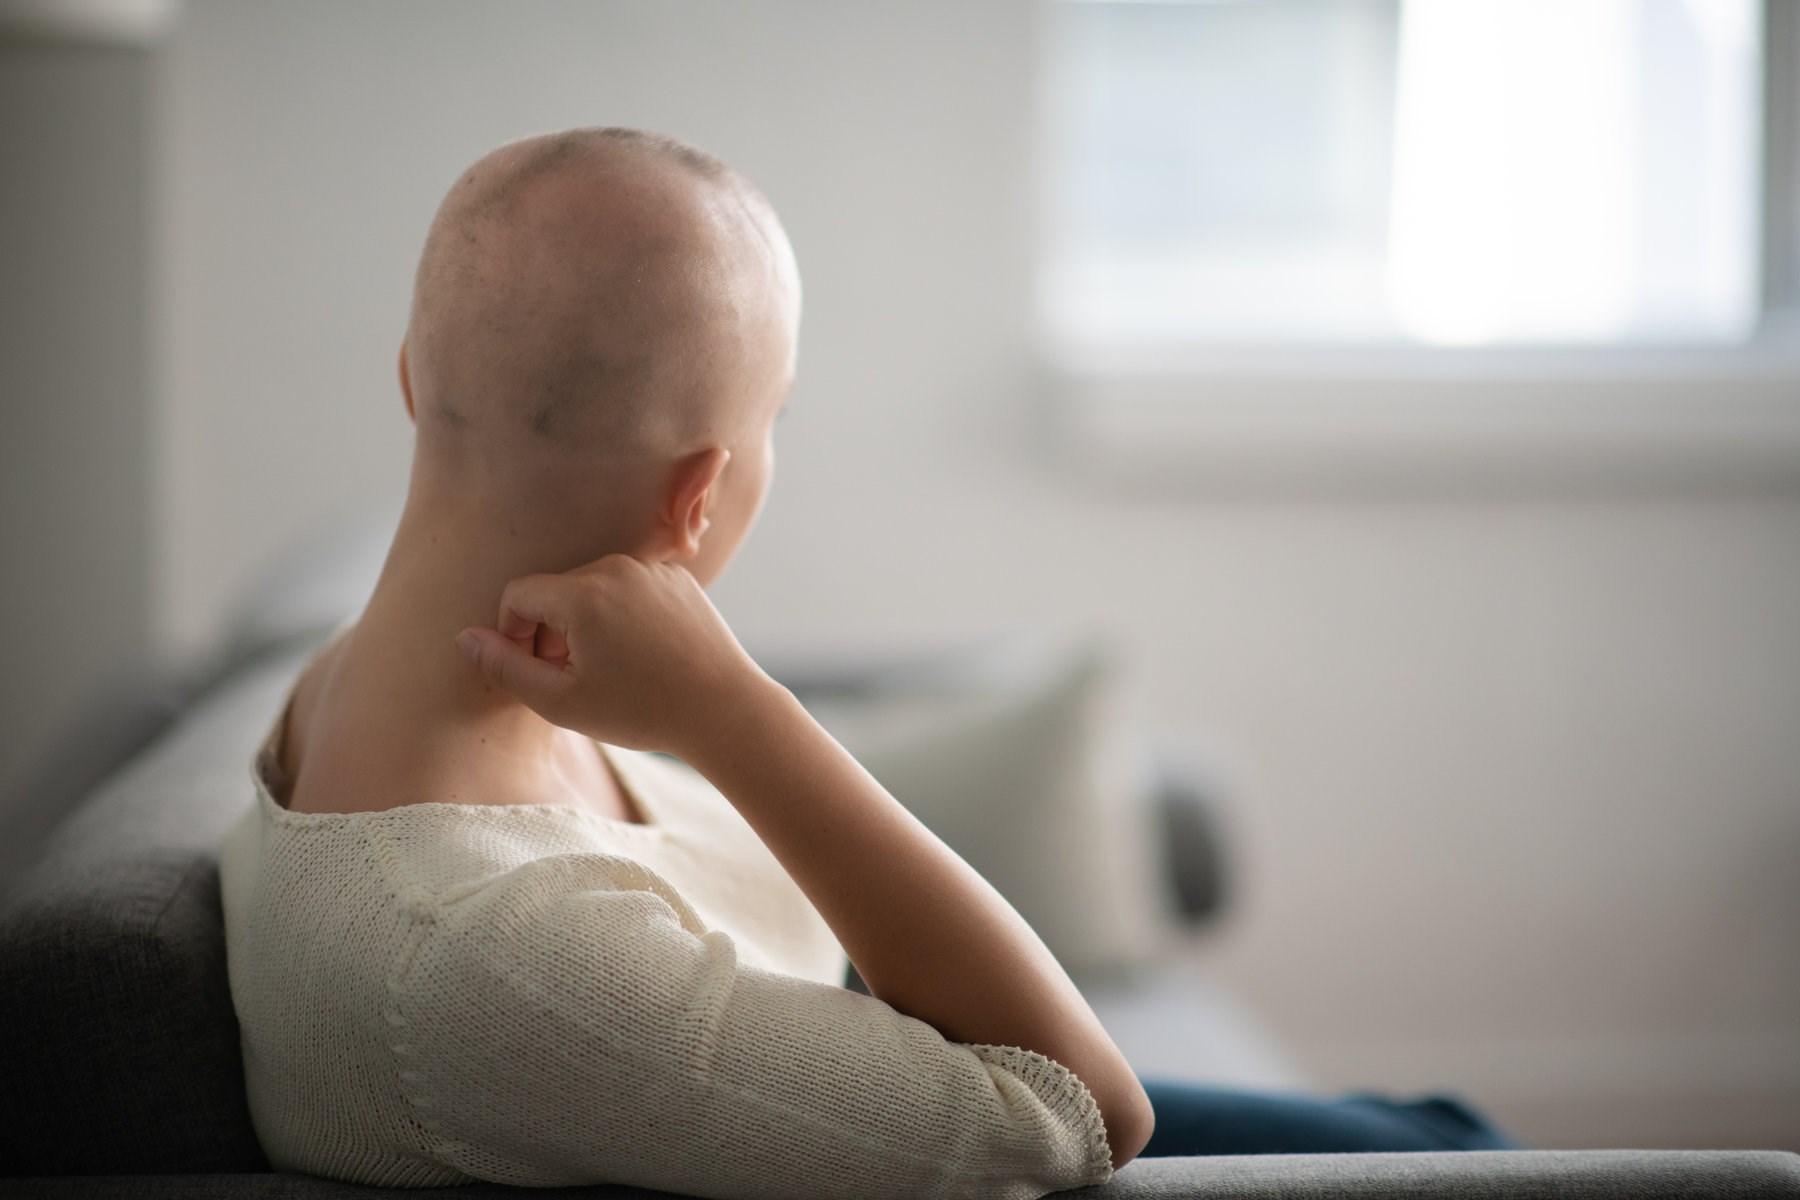 4 عوامل خارجية تسهم في الإصابة بالسرطان.. ما هي؟